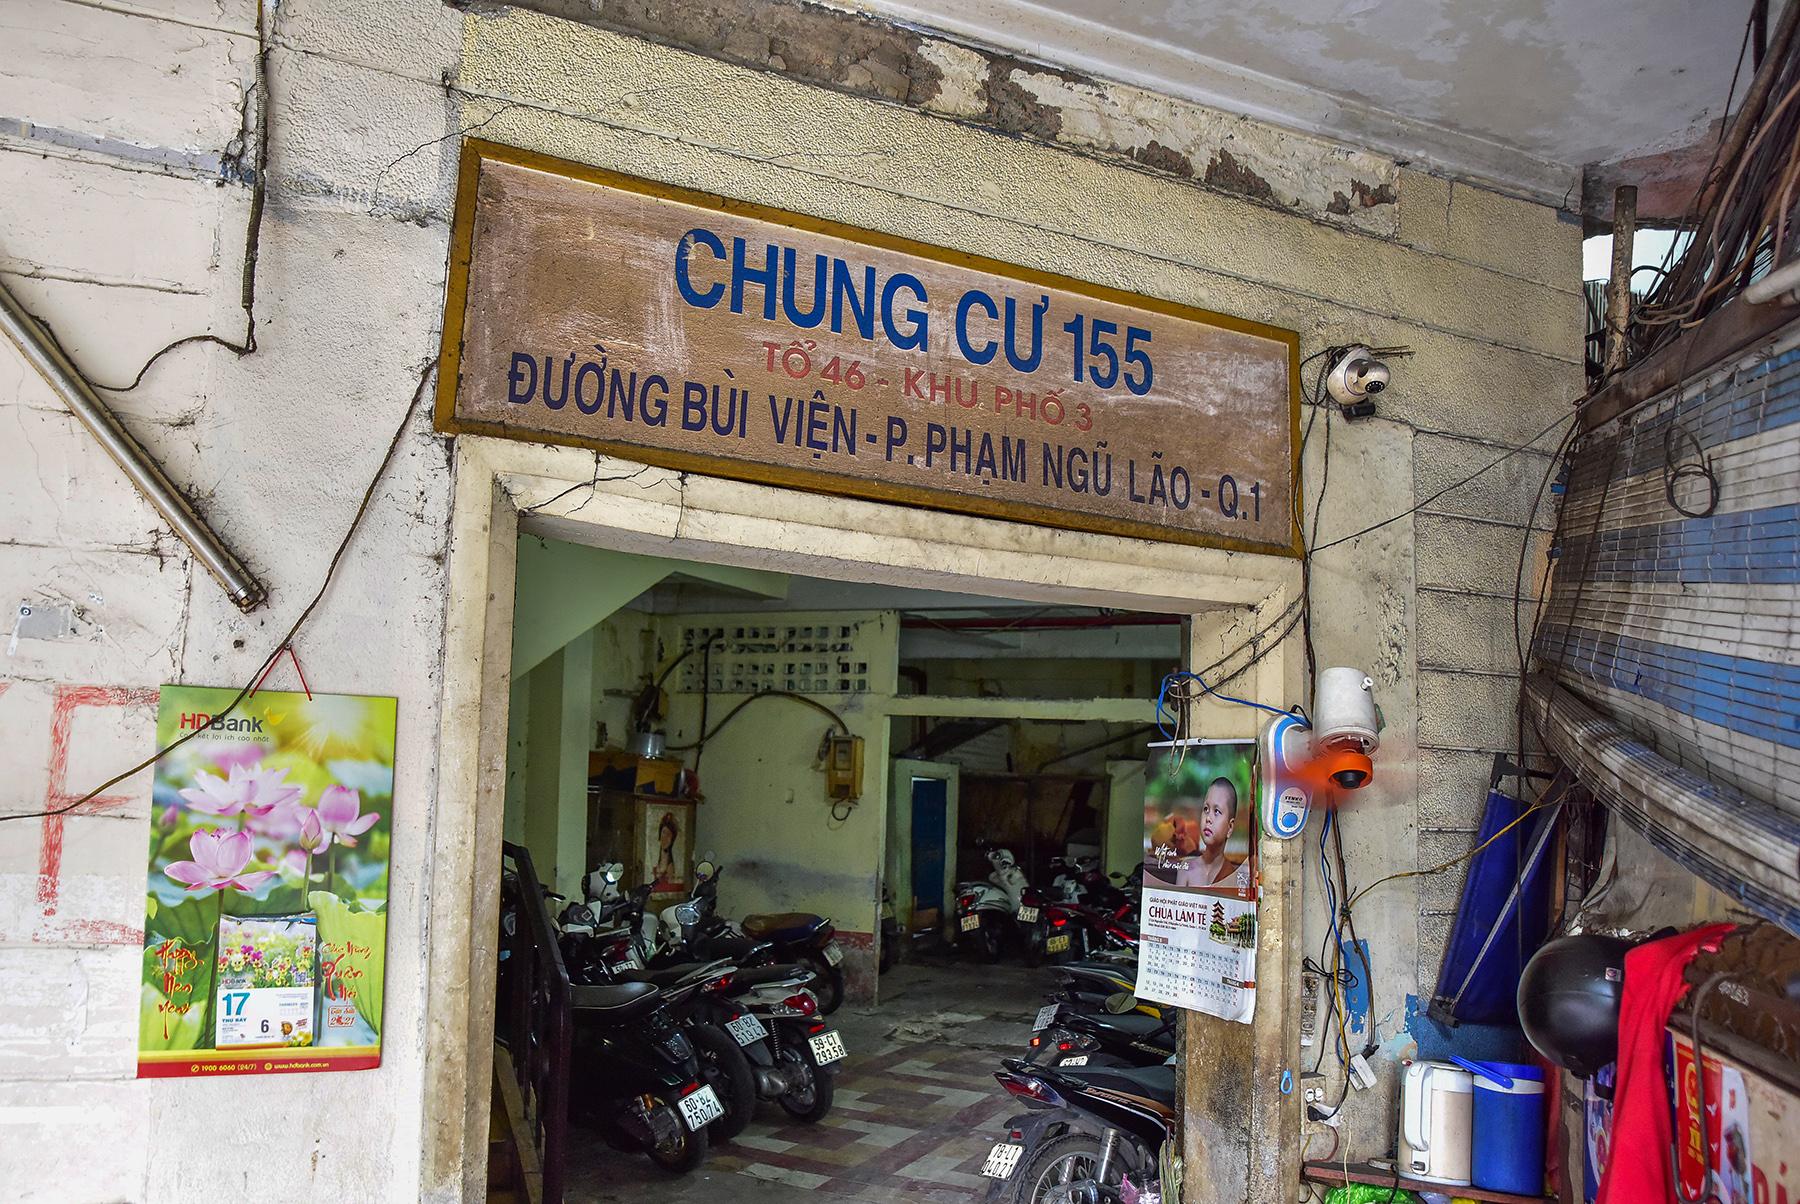 Ớn lạnh cảnh rác ngập ngụa trong các căn hộ chung cư ở phố Tây Sài Gòn - 18